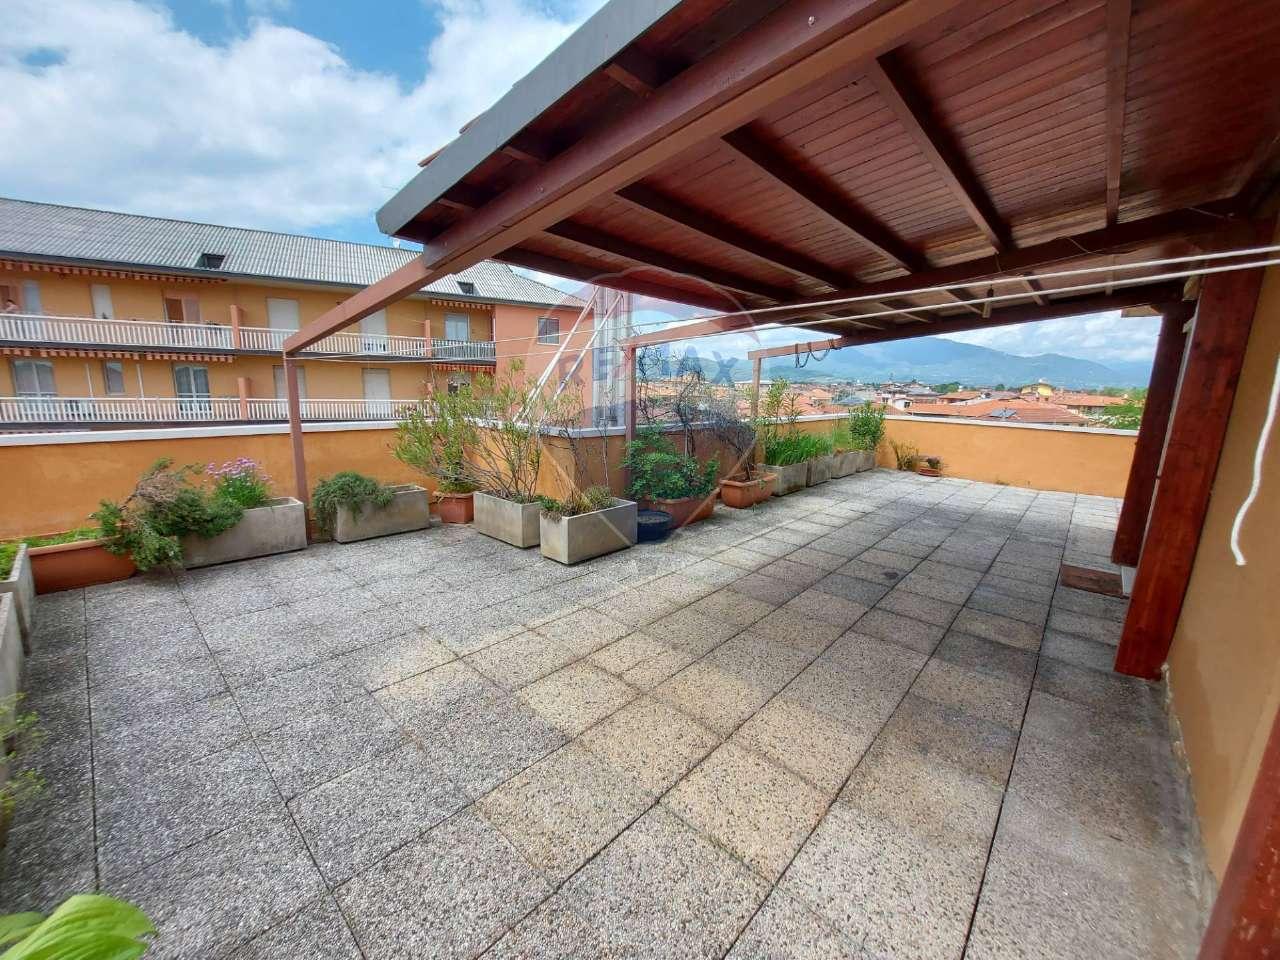 Appartamento in vendita a Bonate Sotto, 4 locali, prezzo € 142.000 | PortaleAgenzieImmobiliari.it